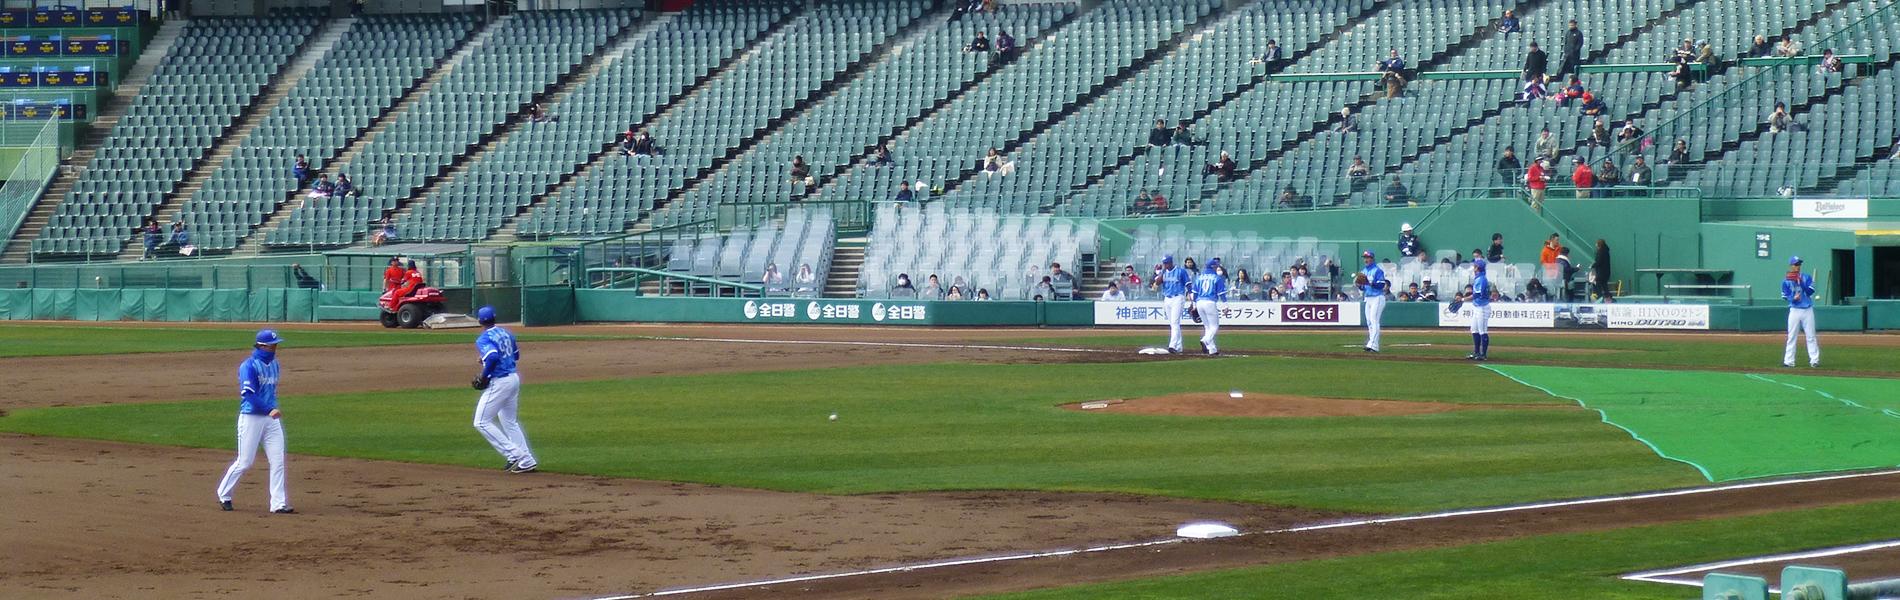 ほっともっとフィールド神戸 ベイスターズの練習風景